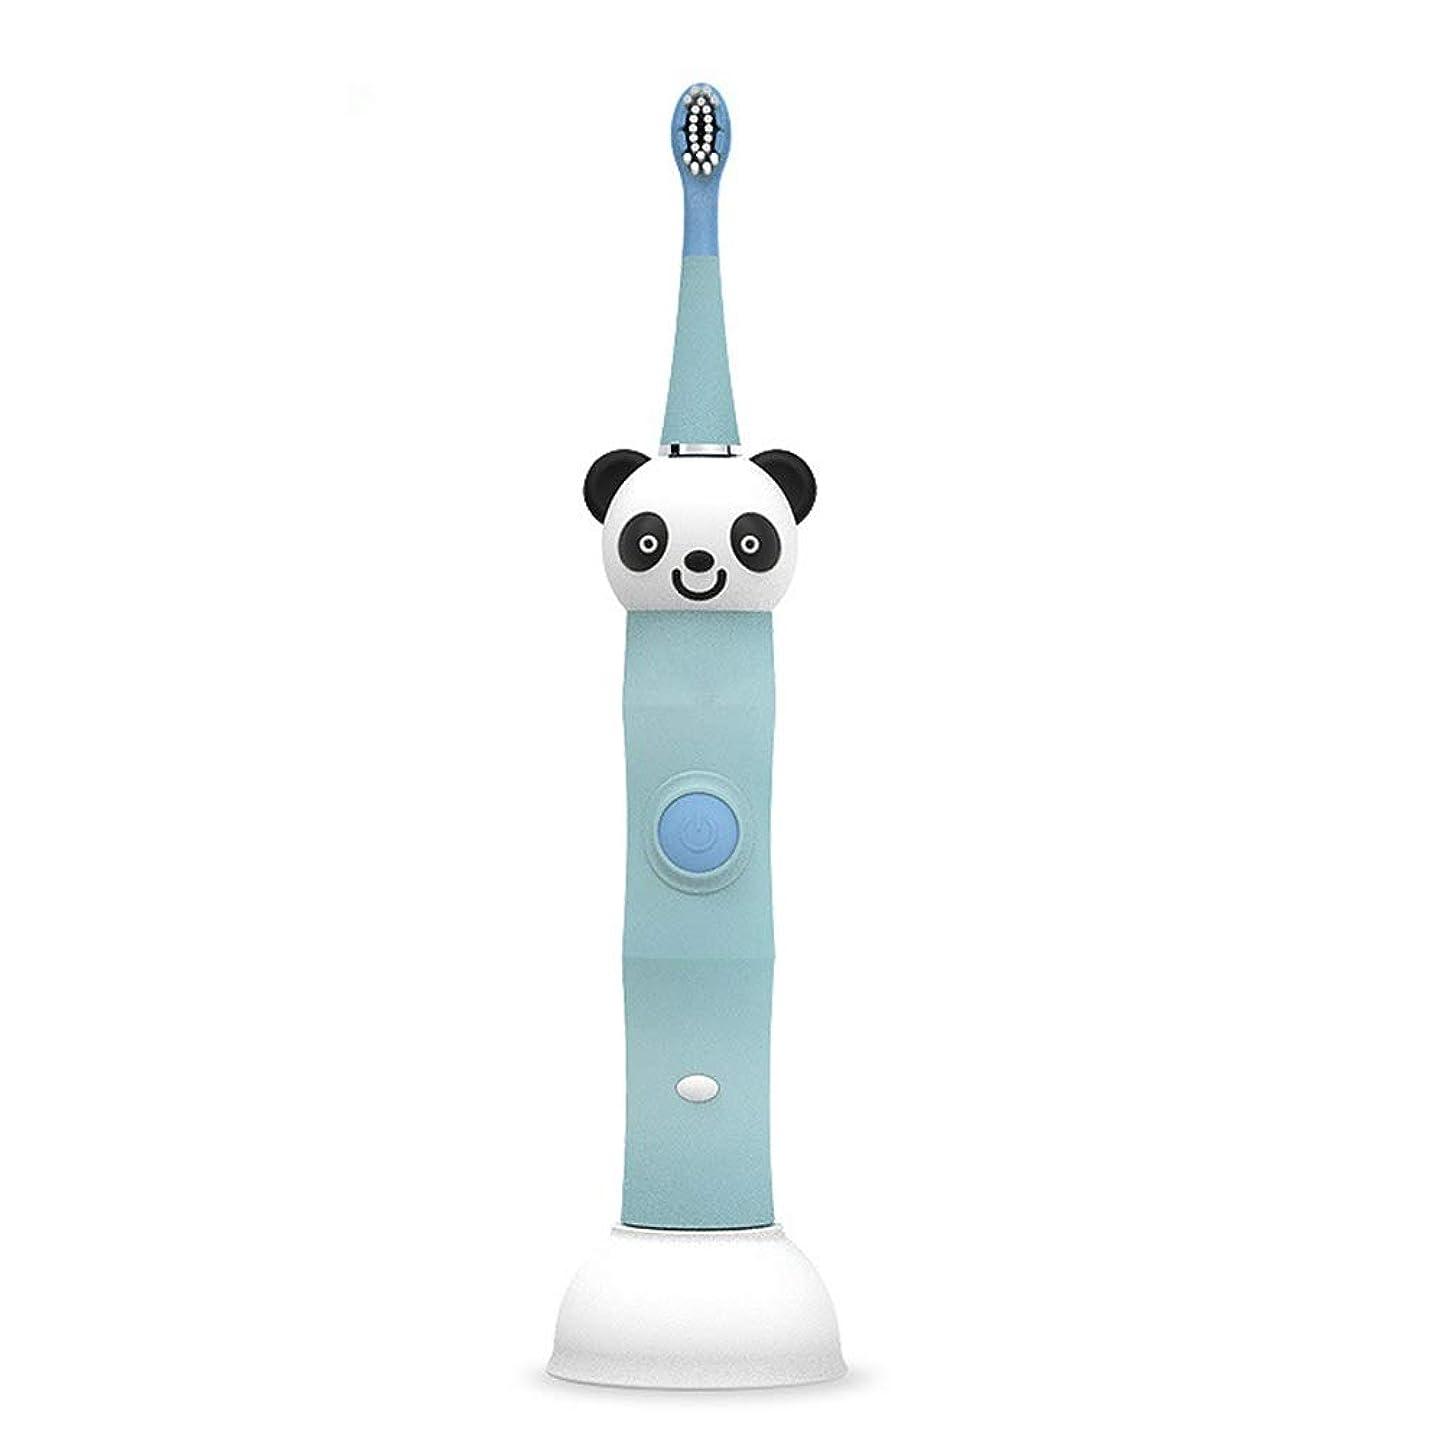 是正するホバー社会電動歯ブラシ USBの充満基盤の柔らかい毛のきれいな歯ブラシと防水子供の電動歯ブラシ ケアー プロテクトクリーン (色 : 青, サイズ : Free size)